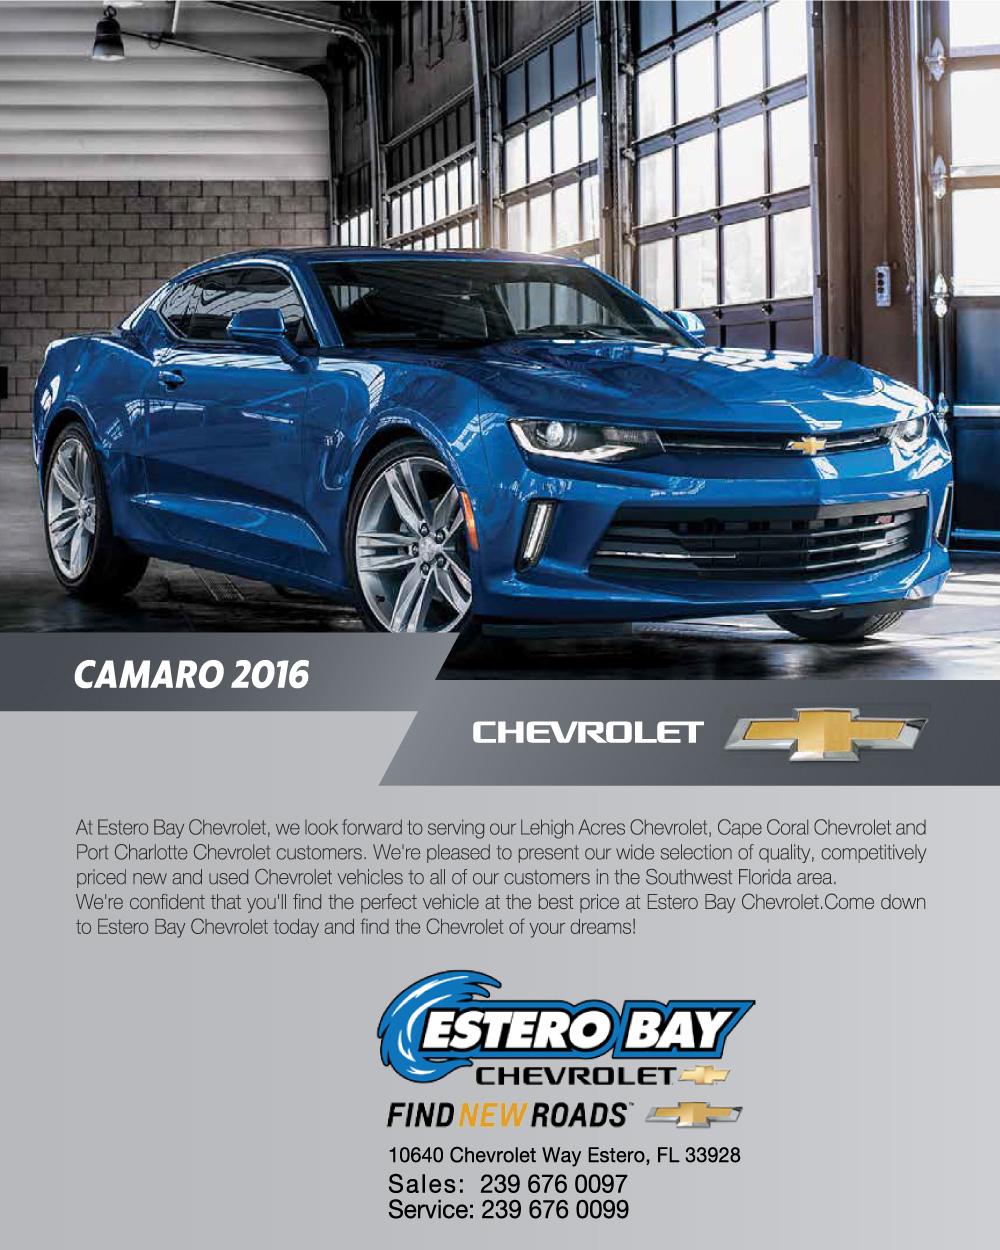 Estero Bay Chevy Ad